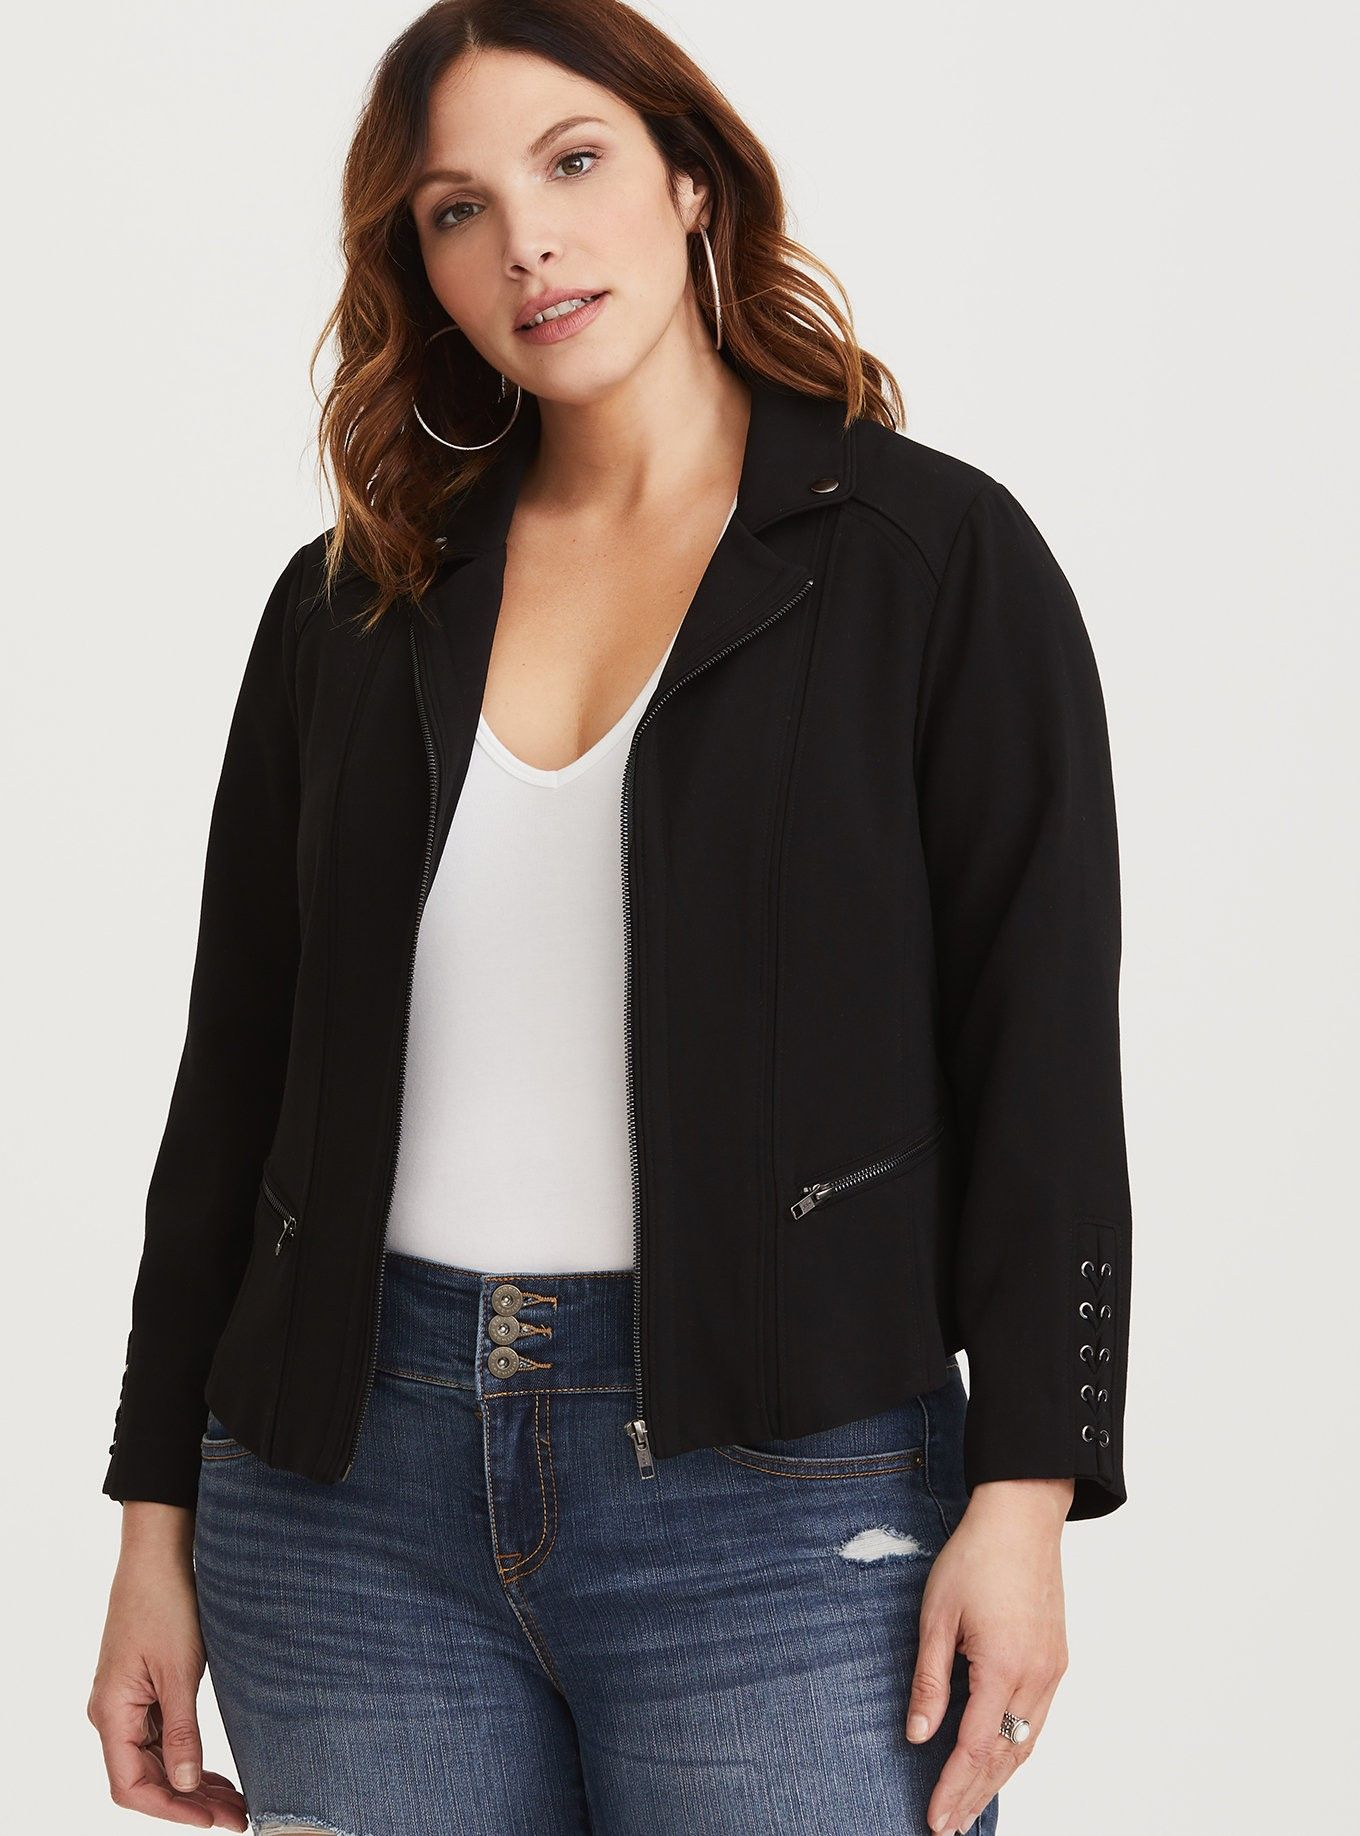 Black Lattice Crepe Moto Jacket (With images) Jackets